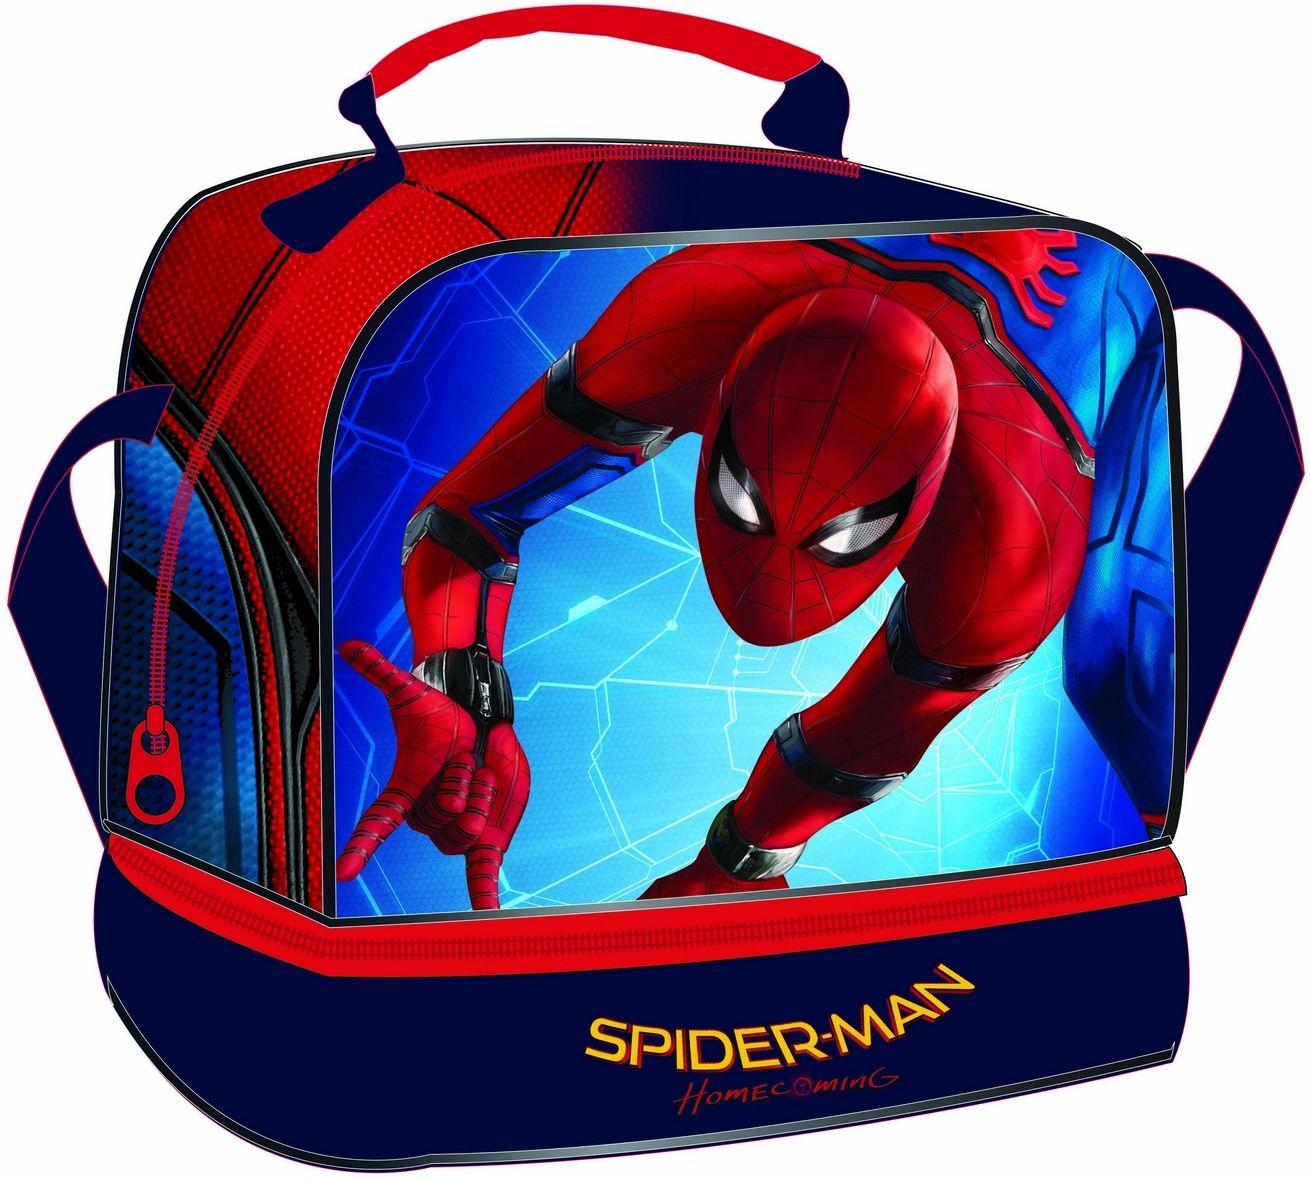 Τσαντακι Φαγητου Spiderman Homecoming Gim 337-67220 σχολικες τσαντες   τσάντες νηπιαγωγείου   για αγοράκια